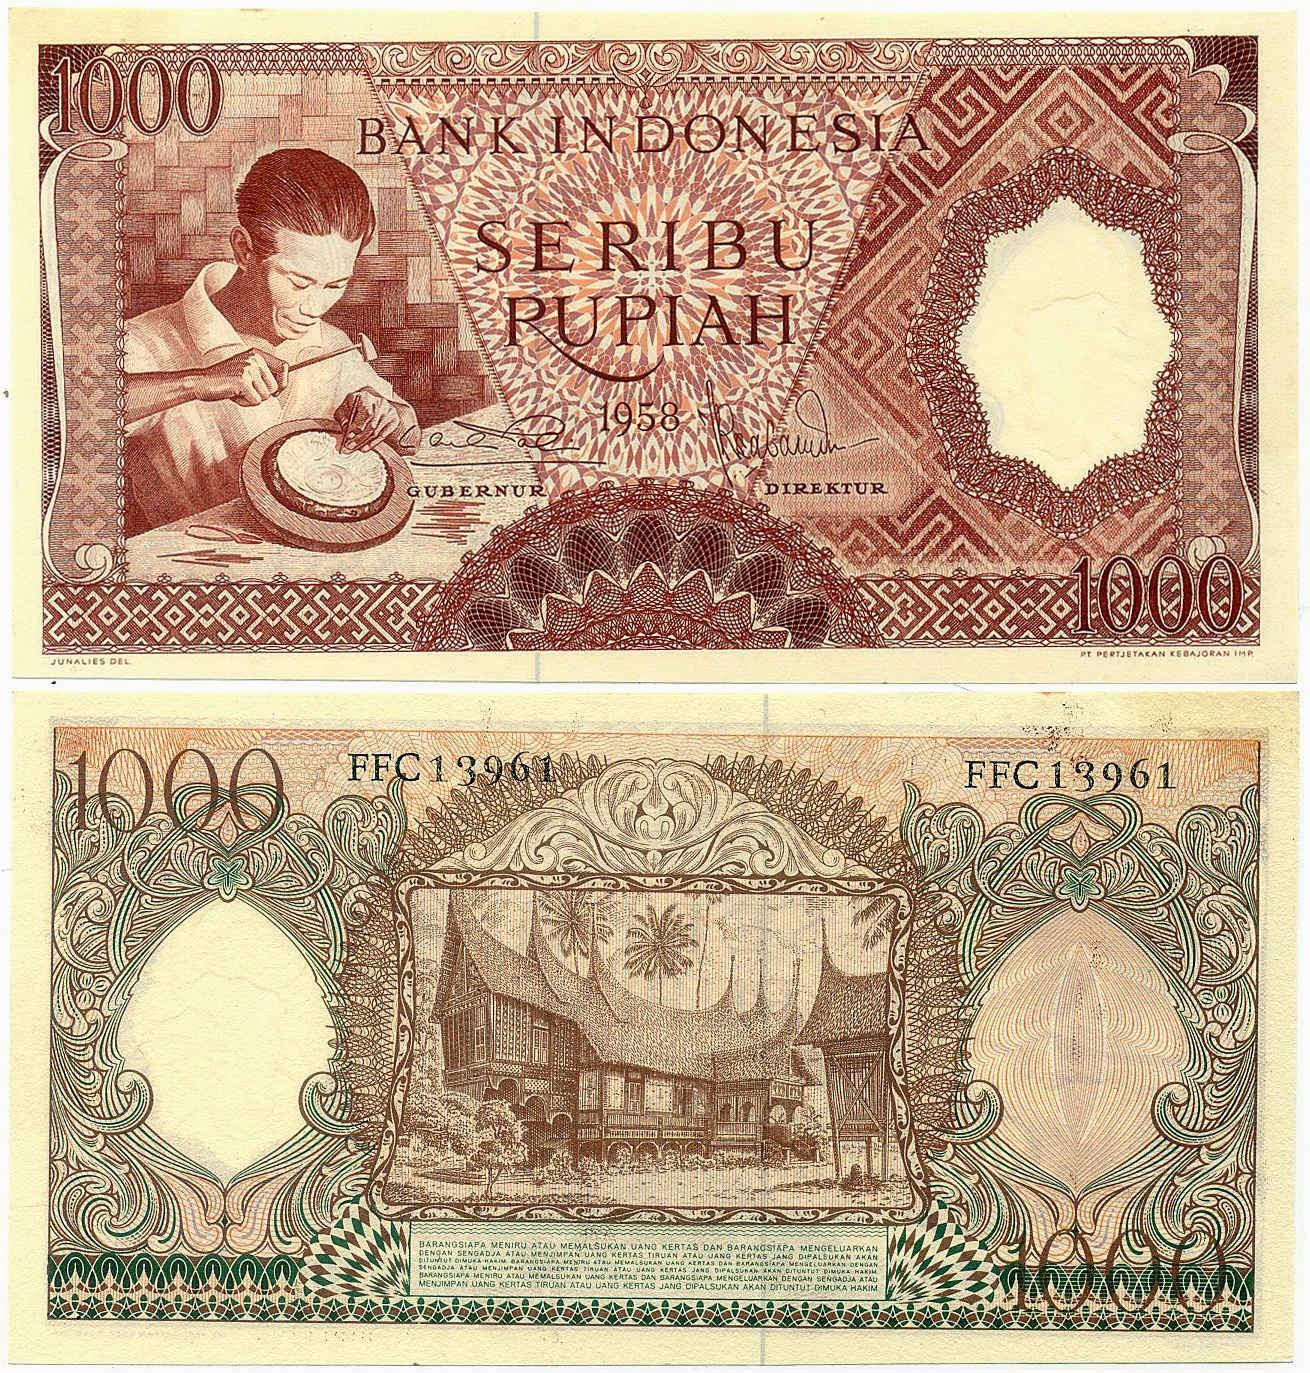 uang kuno Seri pekerja tangan tahun 1958 pecahan 1000 rupiah Merah